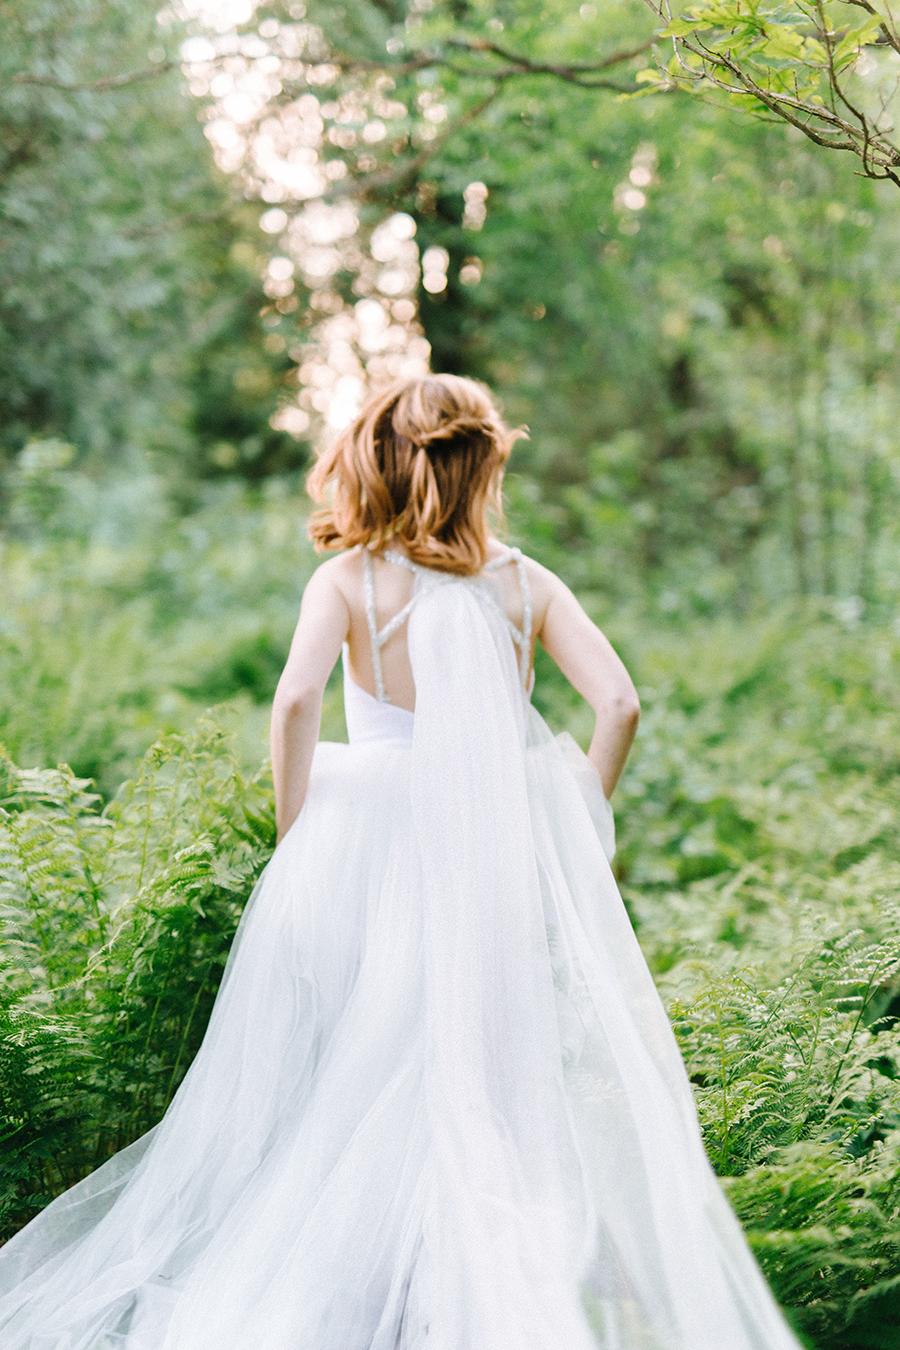 Woodsy Bridal Boudoir Morsian Huomenlahjakuvaus (5).jpg